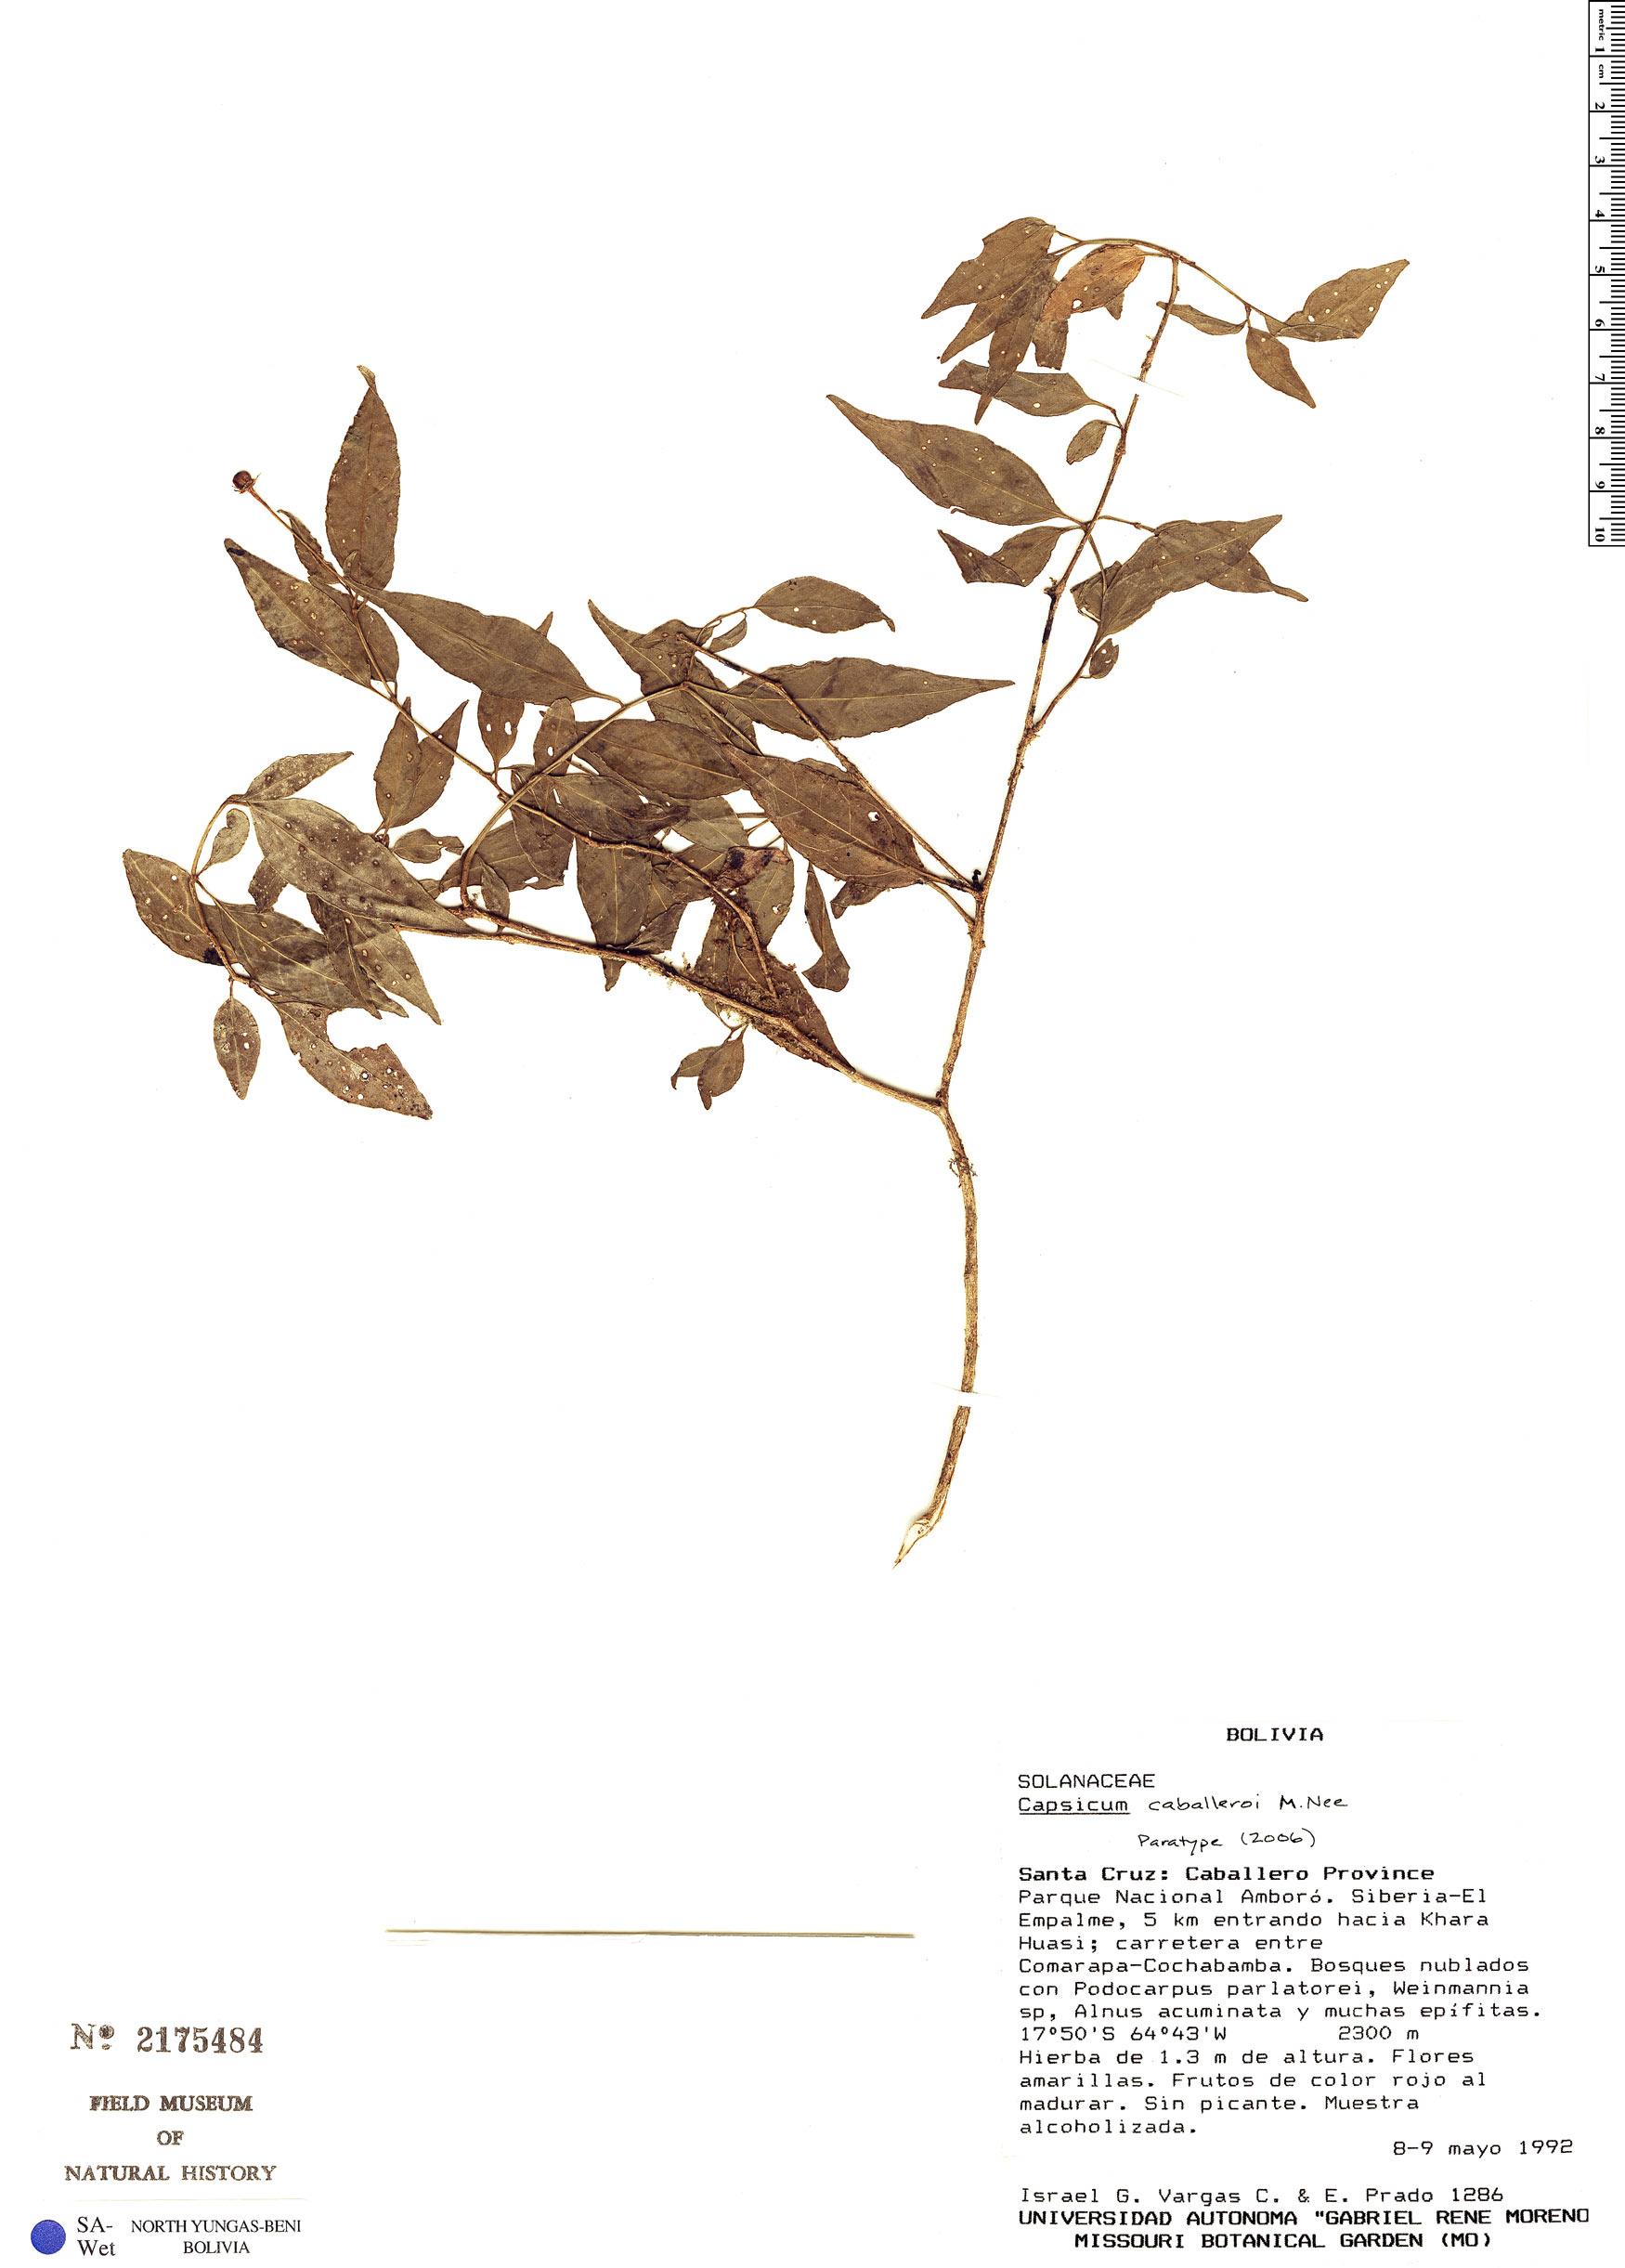 Specimen: Capsicum caballeroi